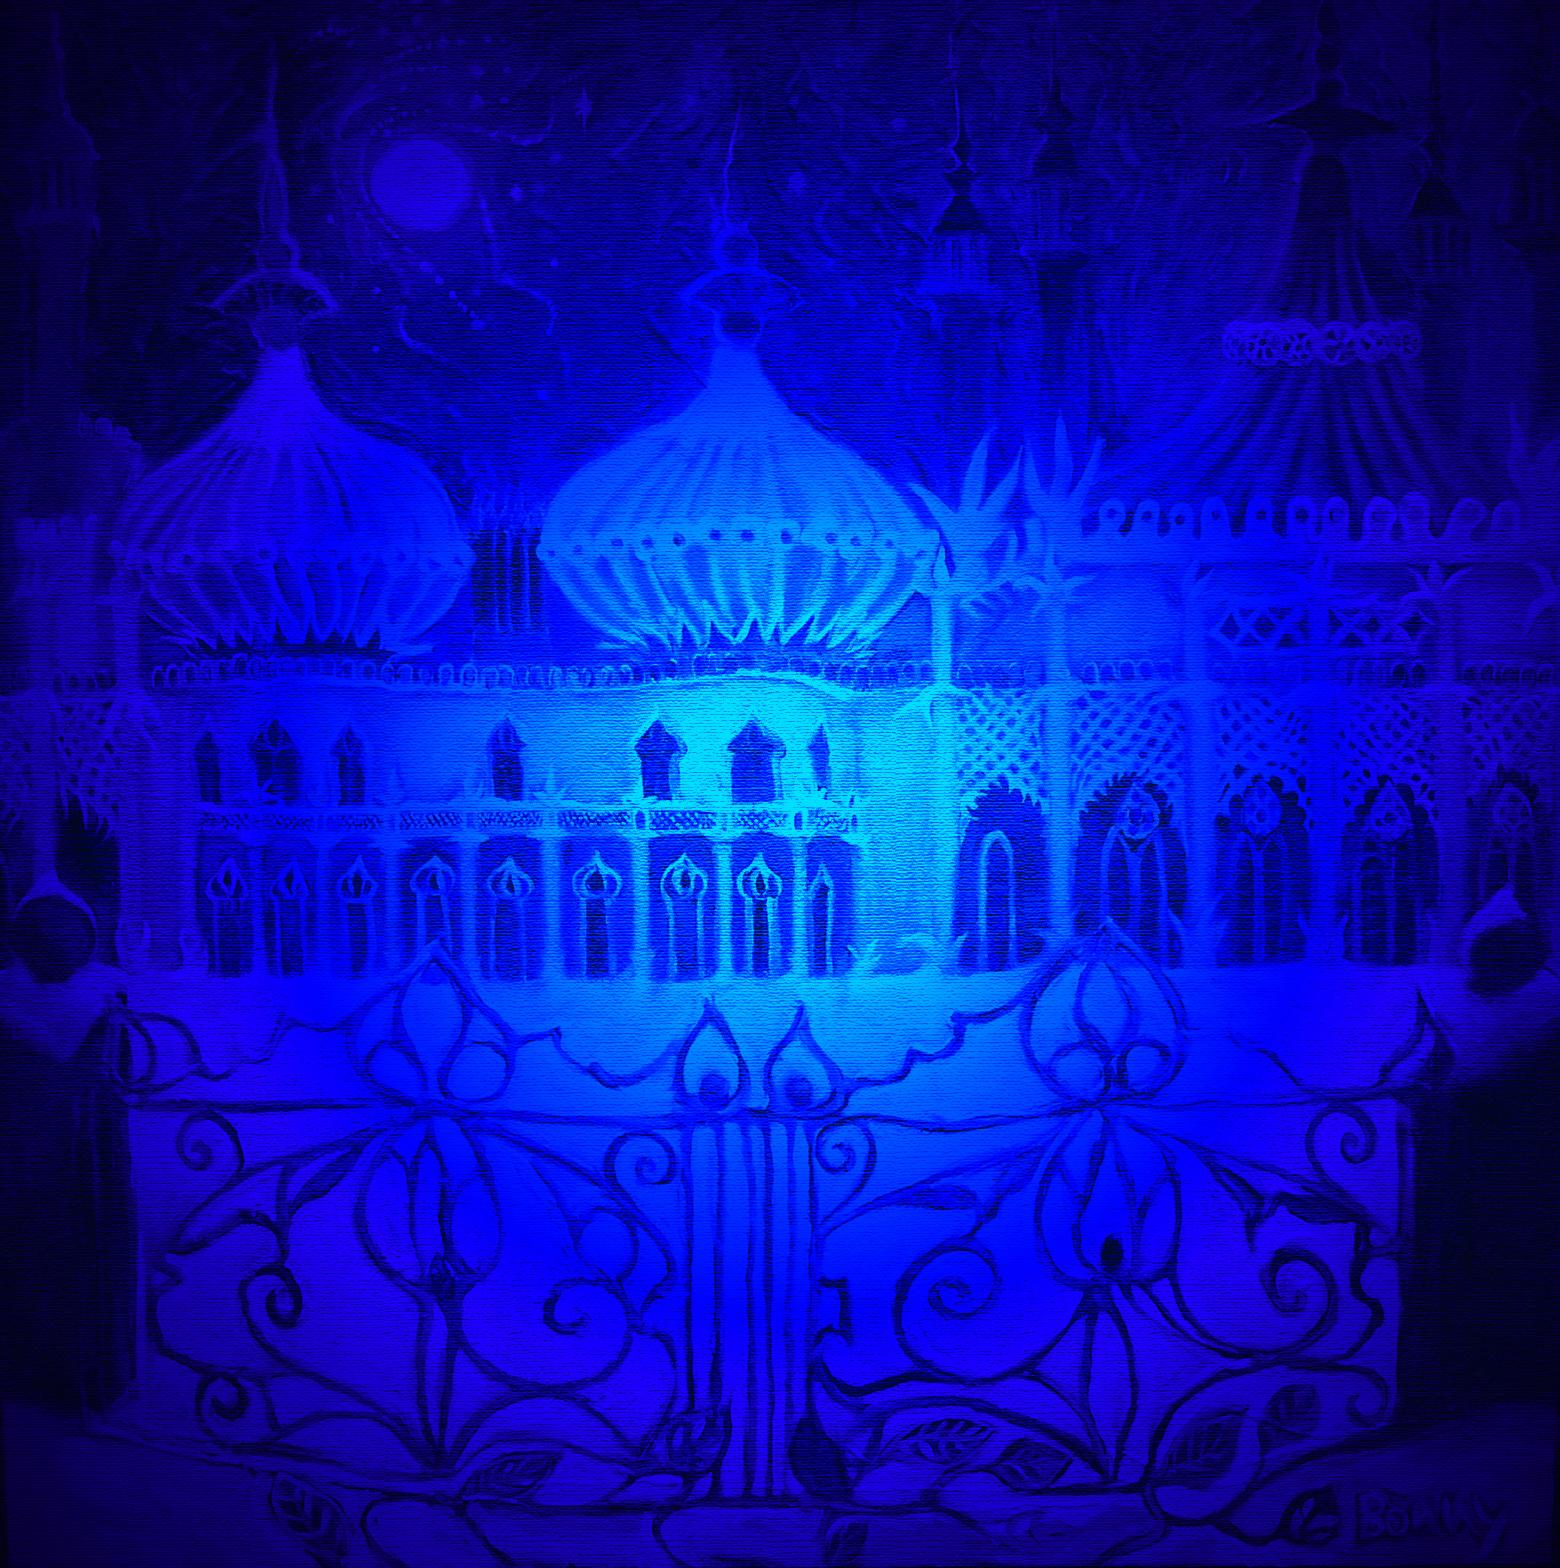 Icy palace gates